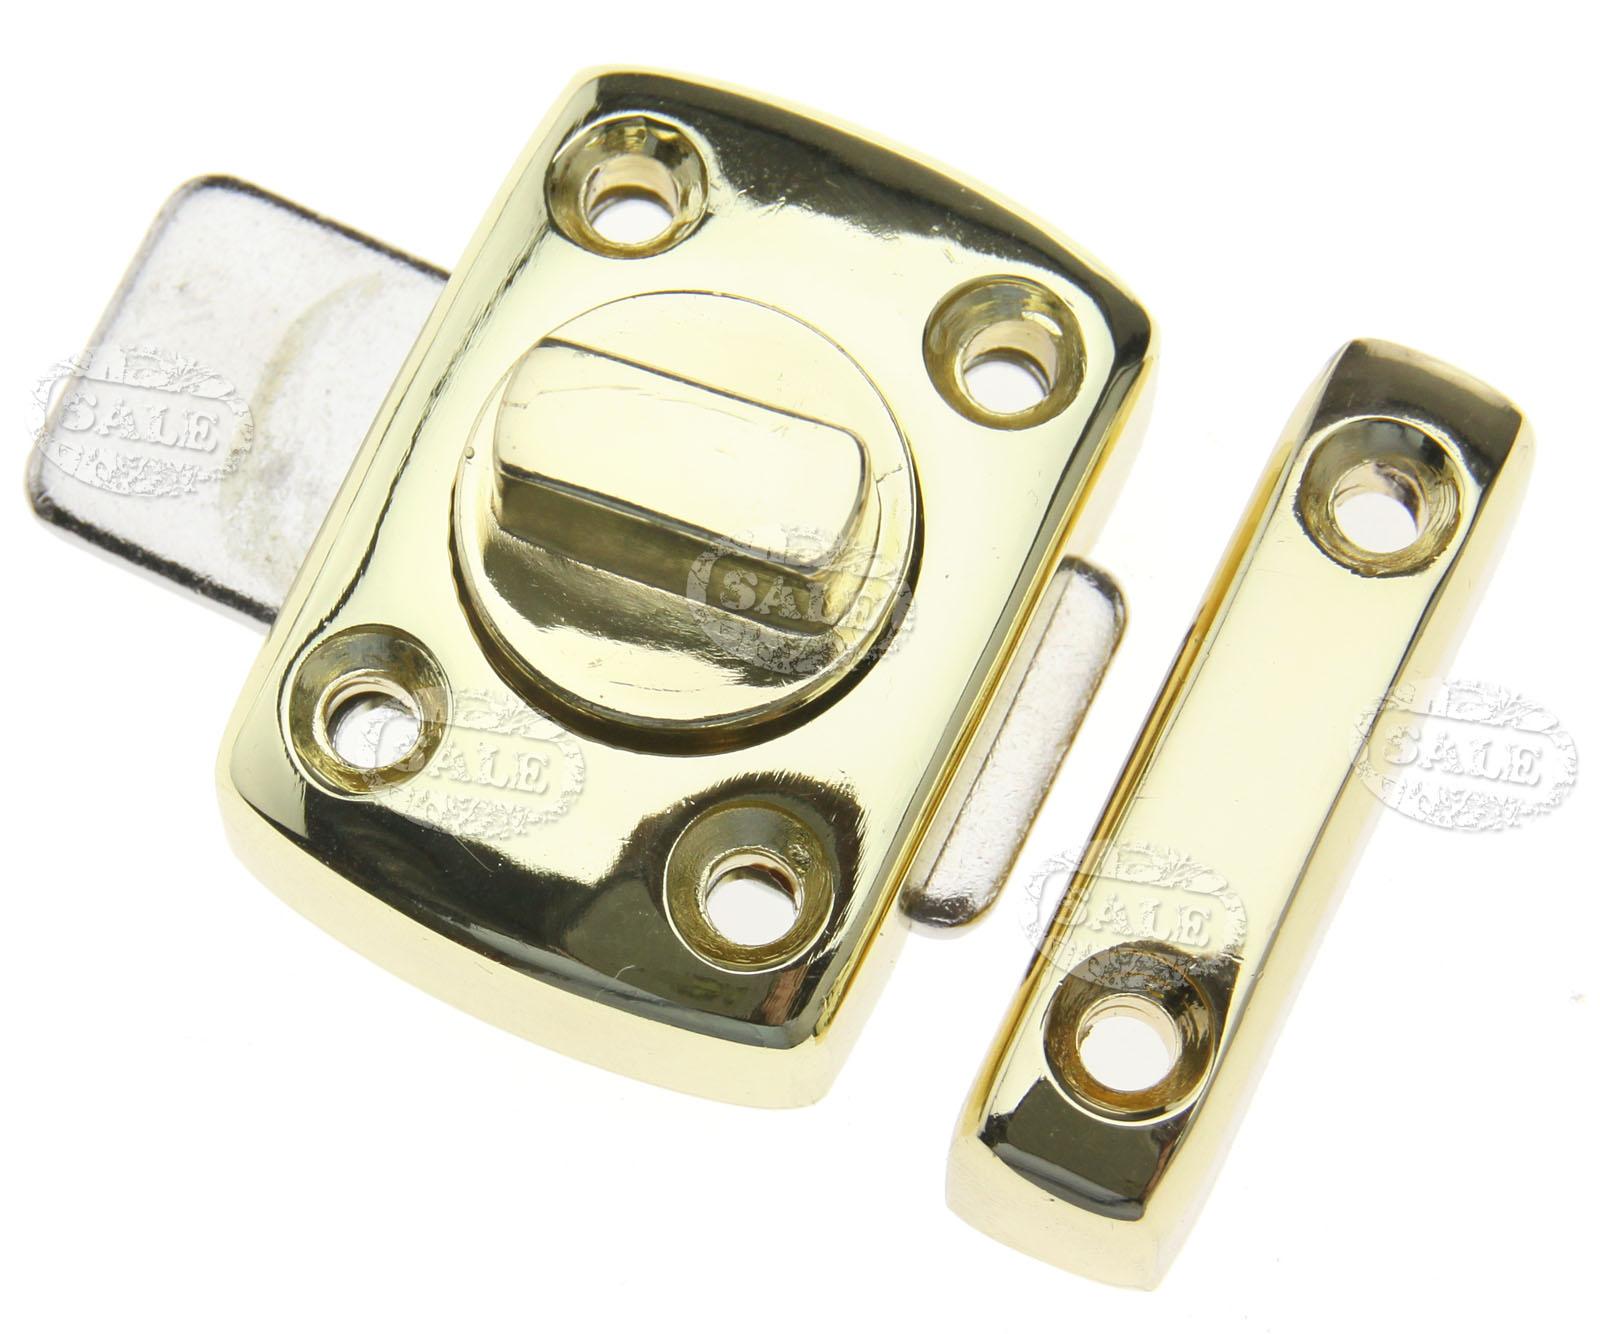 Bathroom Door Latches: Chrome Gold Toilet Catch Bathroom Door Lock Latch Turn